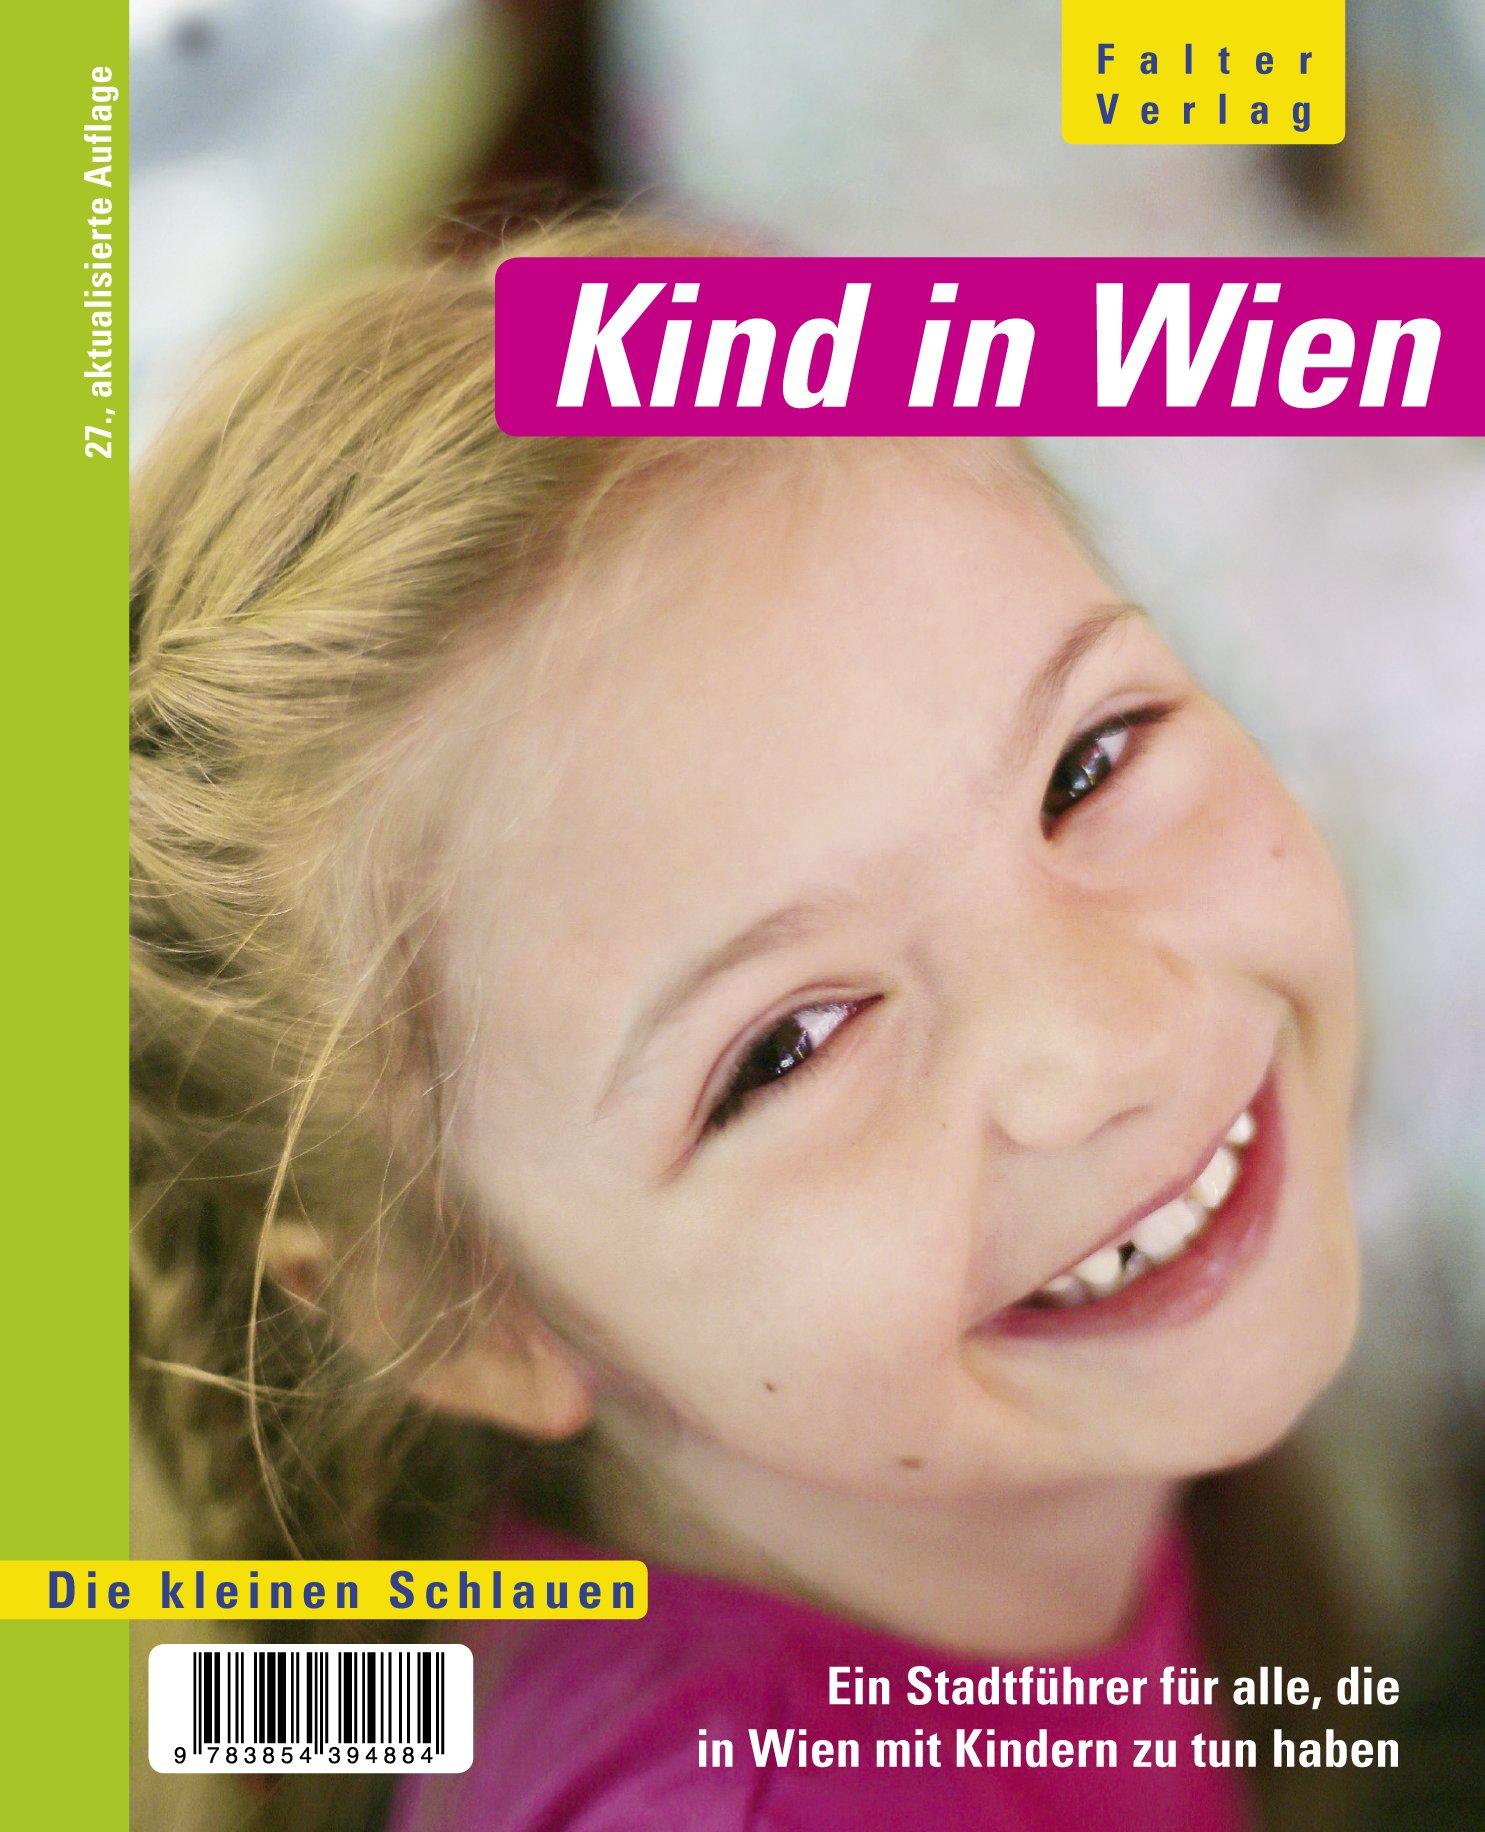 Kind in Wien: Ein Stadtführer für alle, die in Wien mit Kindern zu tun haben (Die kleinen Schlauen)